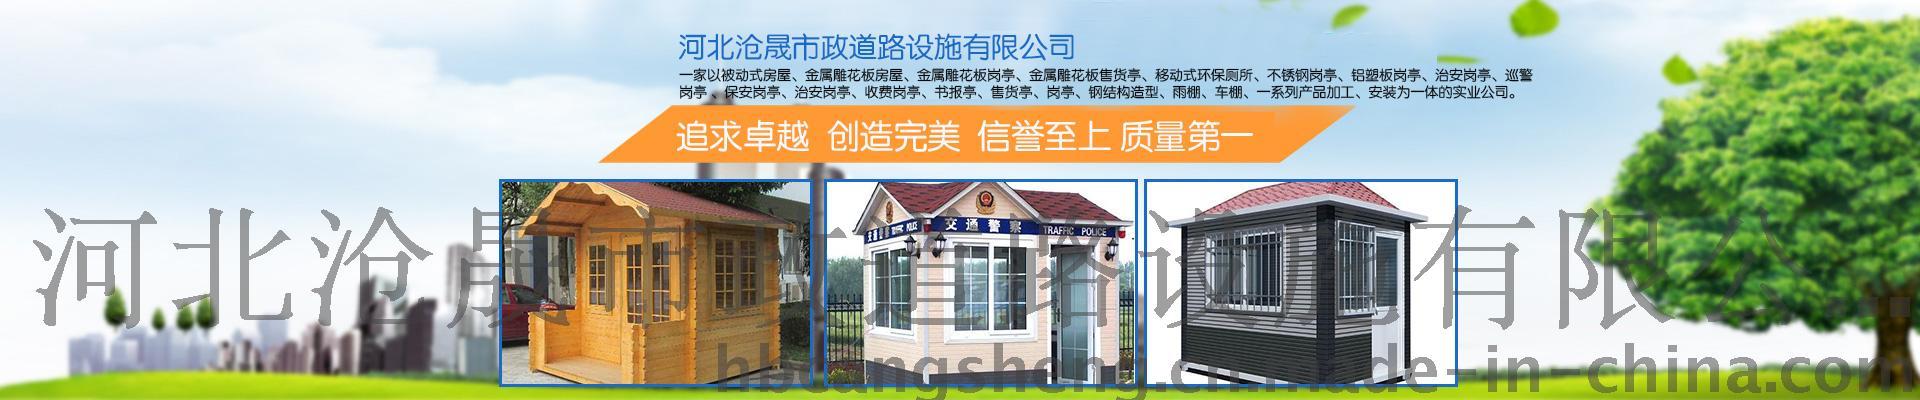 河北沧晟  道路设施有限公司